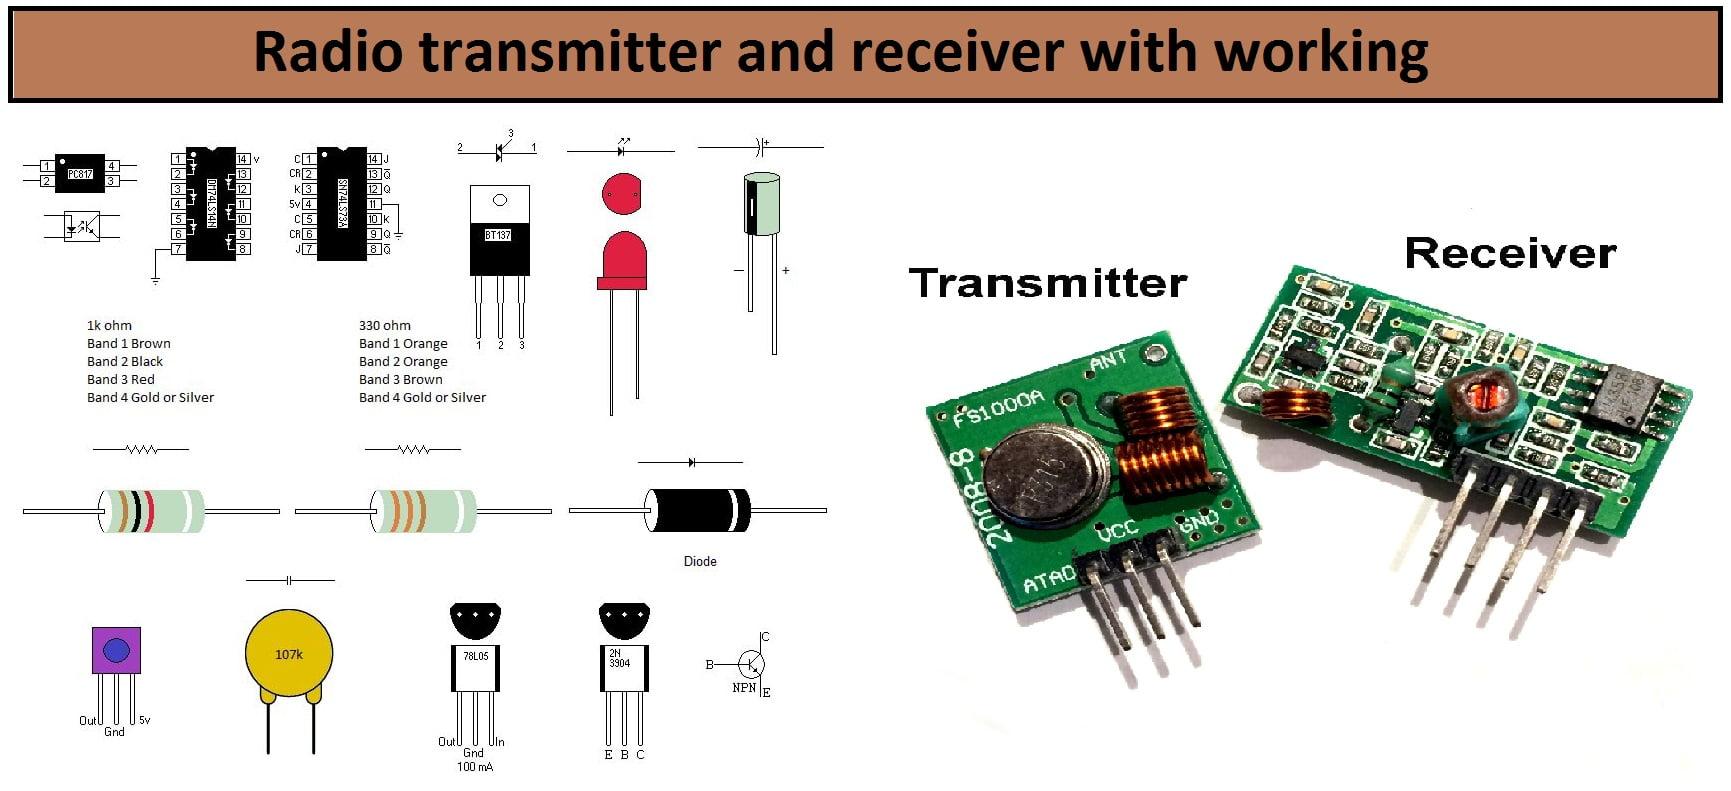 radio, transmitter, receiver